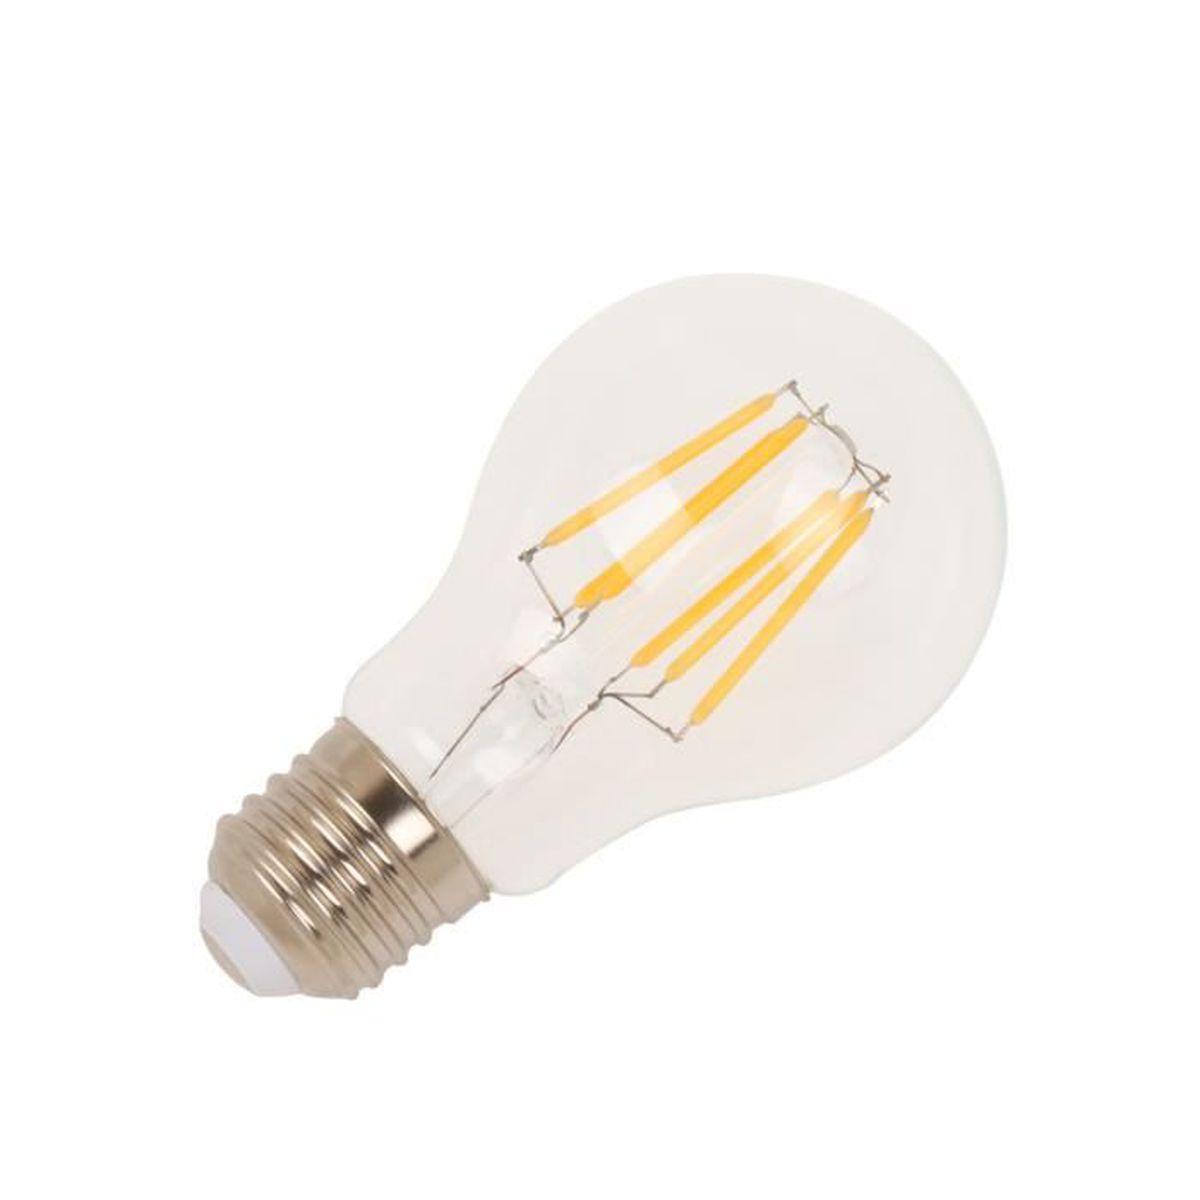 Ampoule led filament affordable ampoule led ampoule led filament e w equivalent w bla with - Ampoule a filament ...